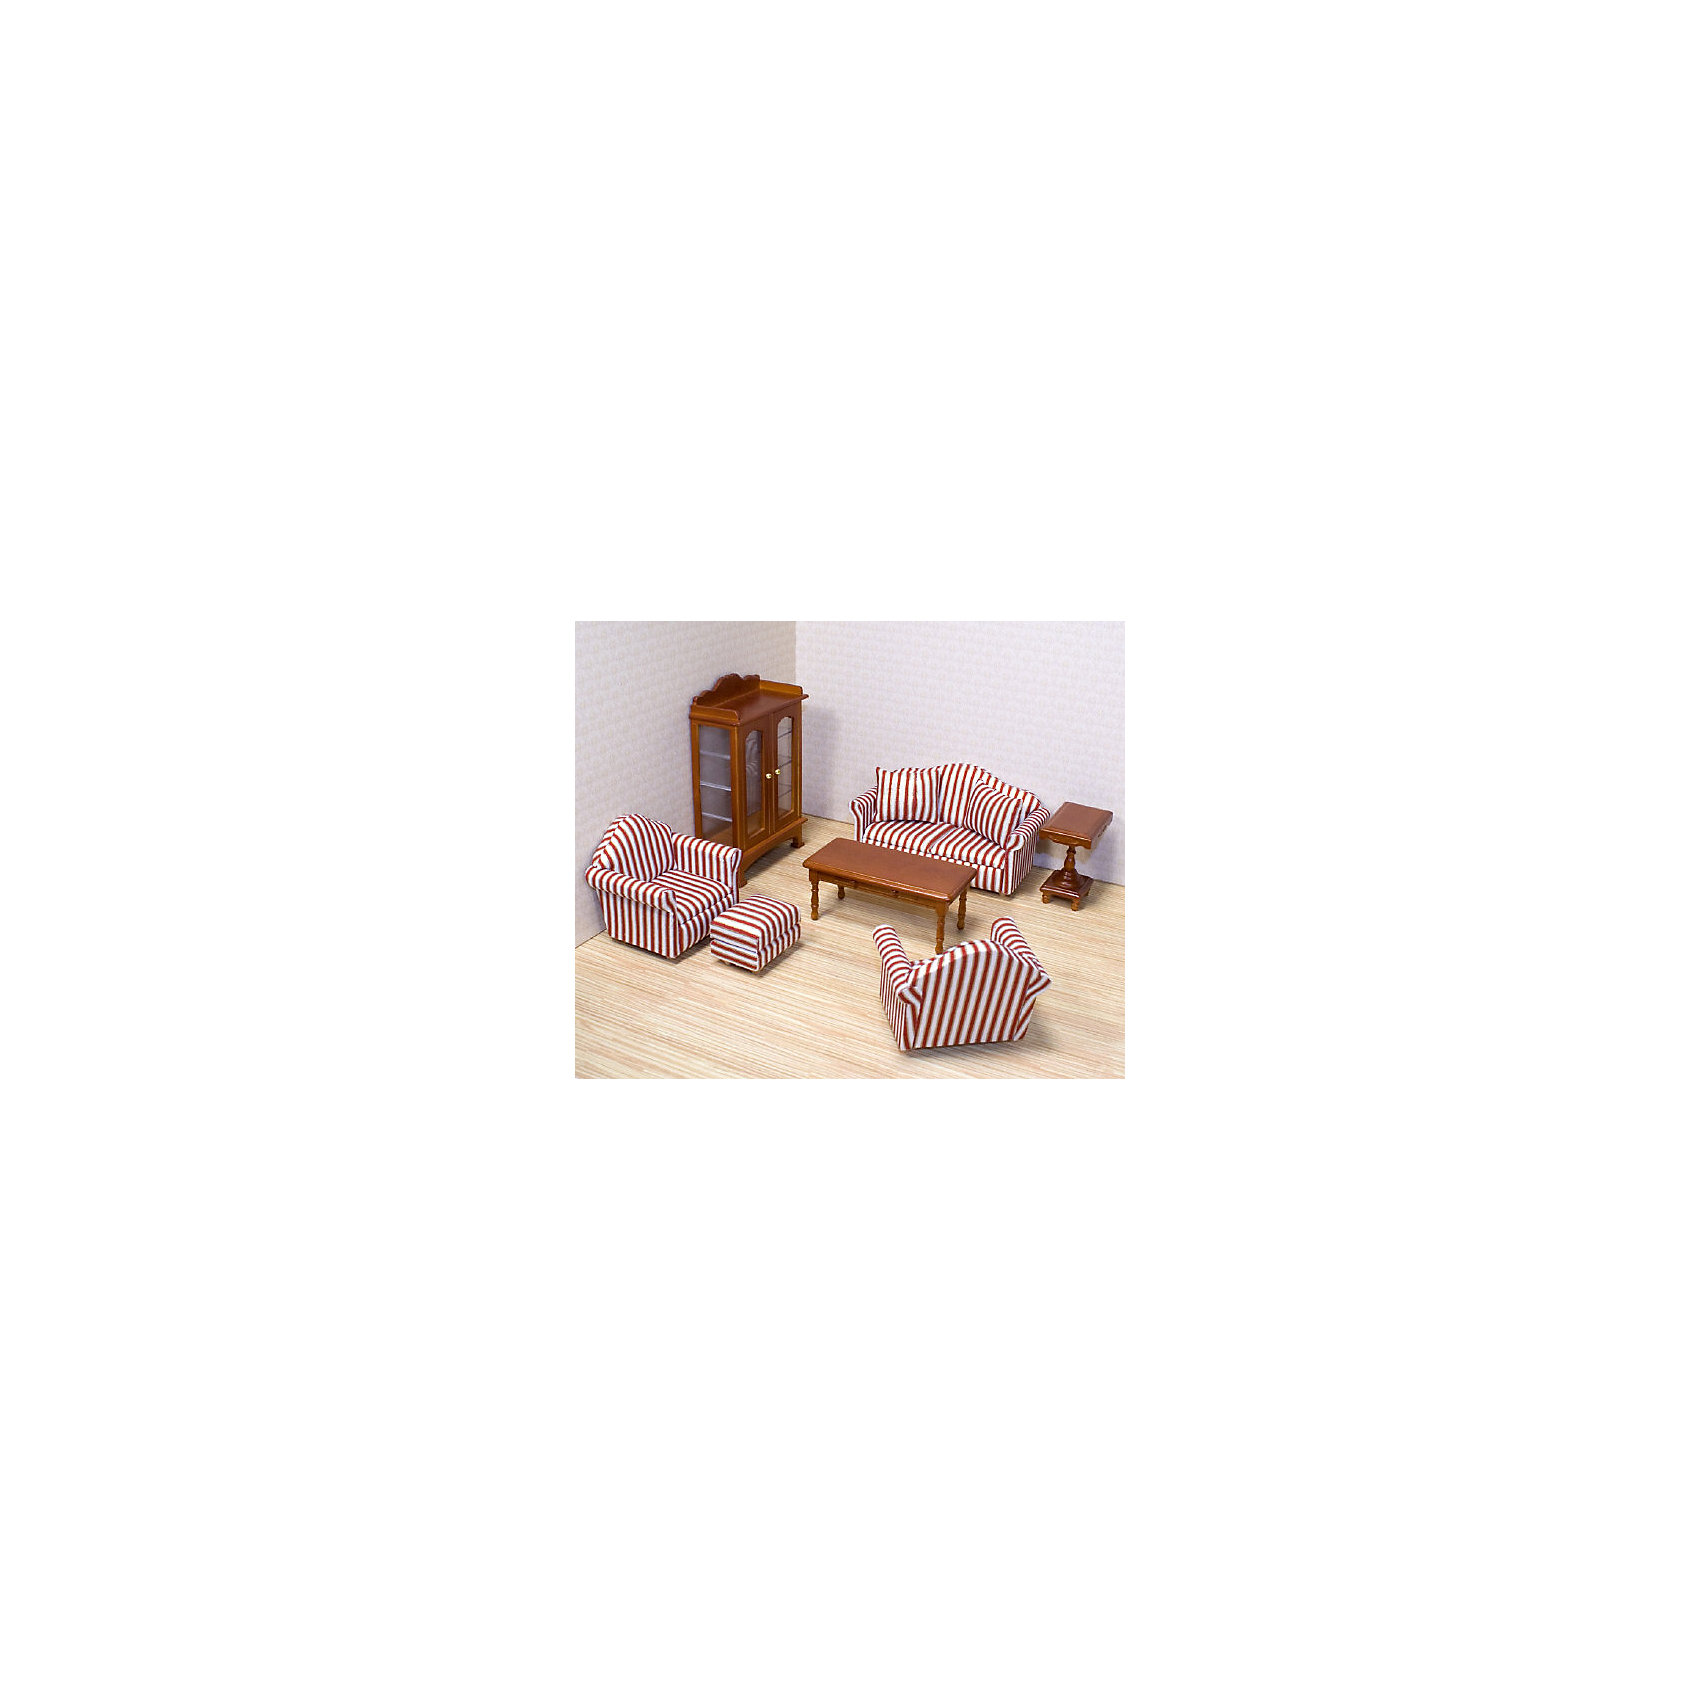 Мебель Гостинная (для викторианского дома), Melissa&amp;DougДомики и мебель<br>Это так просто украсить вашу гостиную с помощью набора из 9 роскошных предметов мебели. Диван с приподнятым изголовьем и изящный шкаф - этот набор включает в себя достаточно предметов мебели, чтобы полностью обставить гостиную. Детально проработанная деревянная мебель ручной работы с обивкой, открывающимися ящиками и дверями! Набор идеально подходит для всех кукольных домов в масштабе 1:12 Размеры в упаковке: 22.8 x 27.9 x 8.4 см Возраст: от 6 лет<br><br>Ширина мм: 280<br>Глубина мм: 80<br>Высота мм: 230<br>Вес г: 635<br>Возраст от месяцев: 60<br>Возраст до месяцев: 192<br>Пол: Женский<br>Возраст: Детский<br>SKU: 4807390